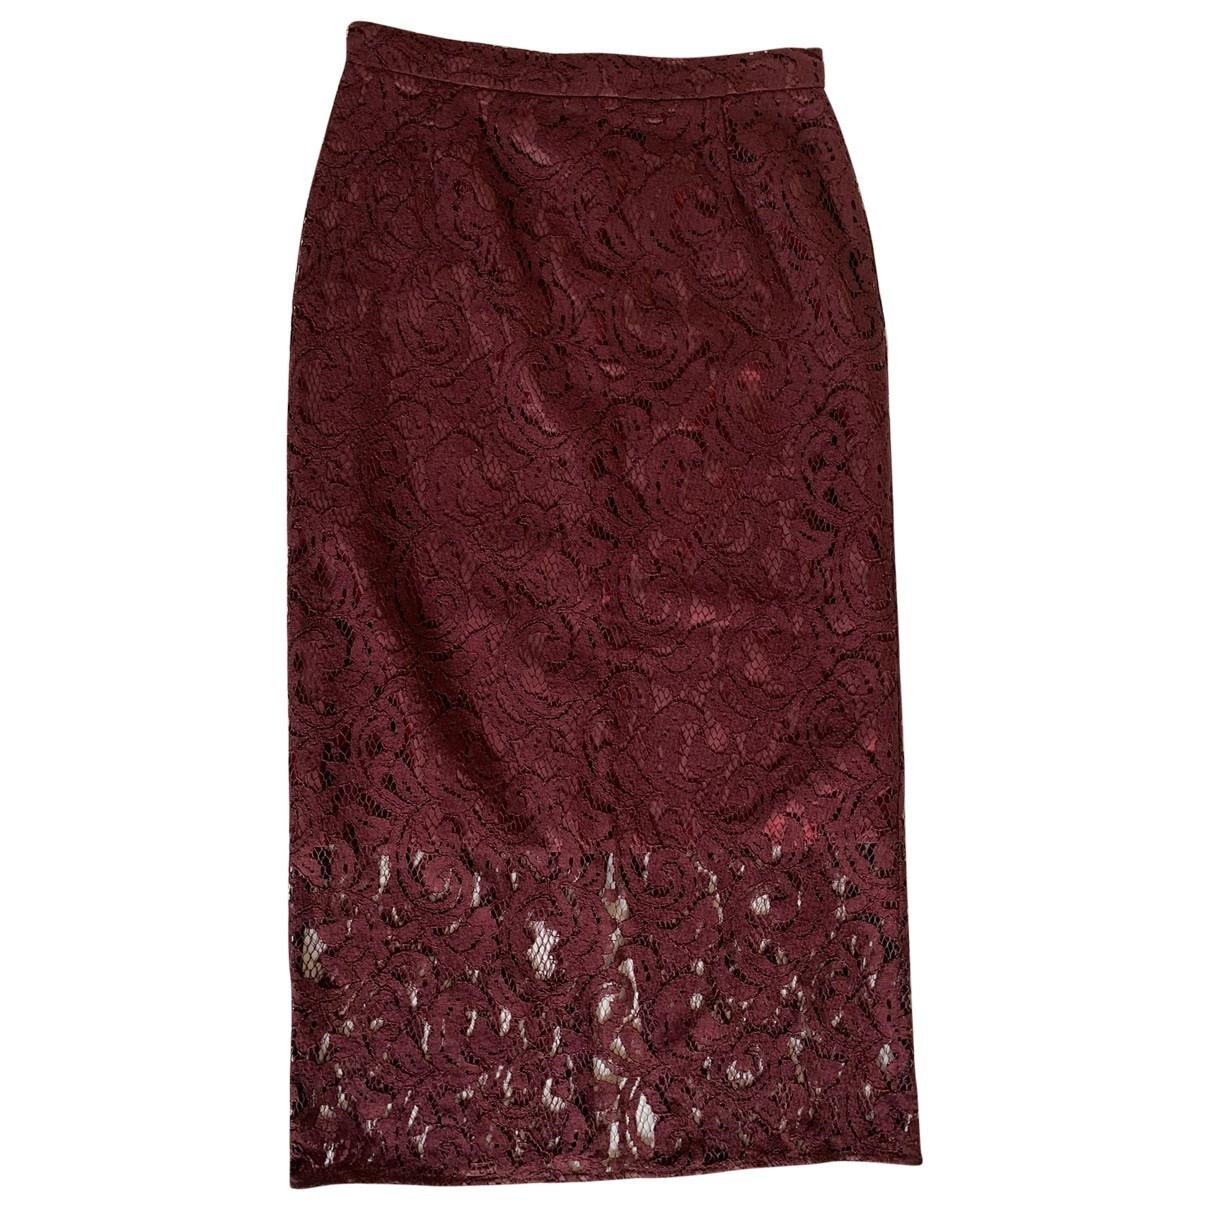 Gaelle Paris \N Burgundy Cotton skirt for Women 0 0-5